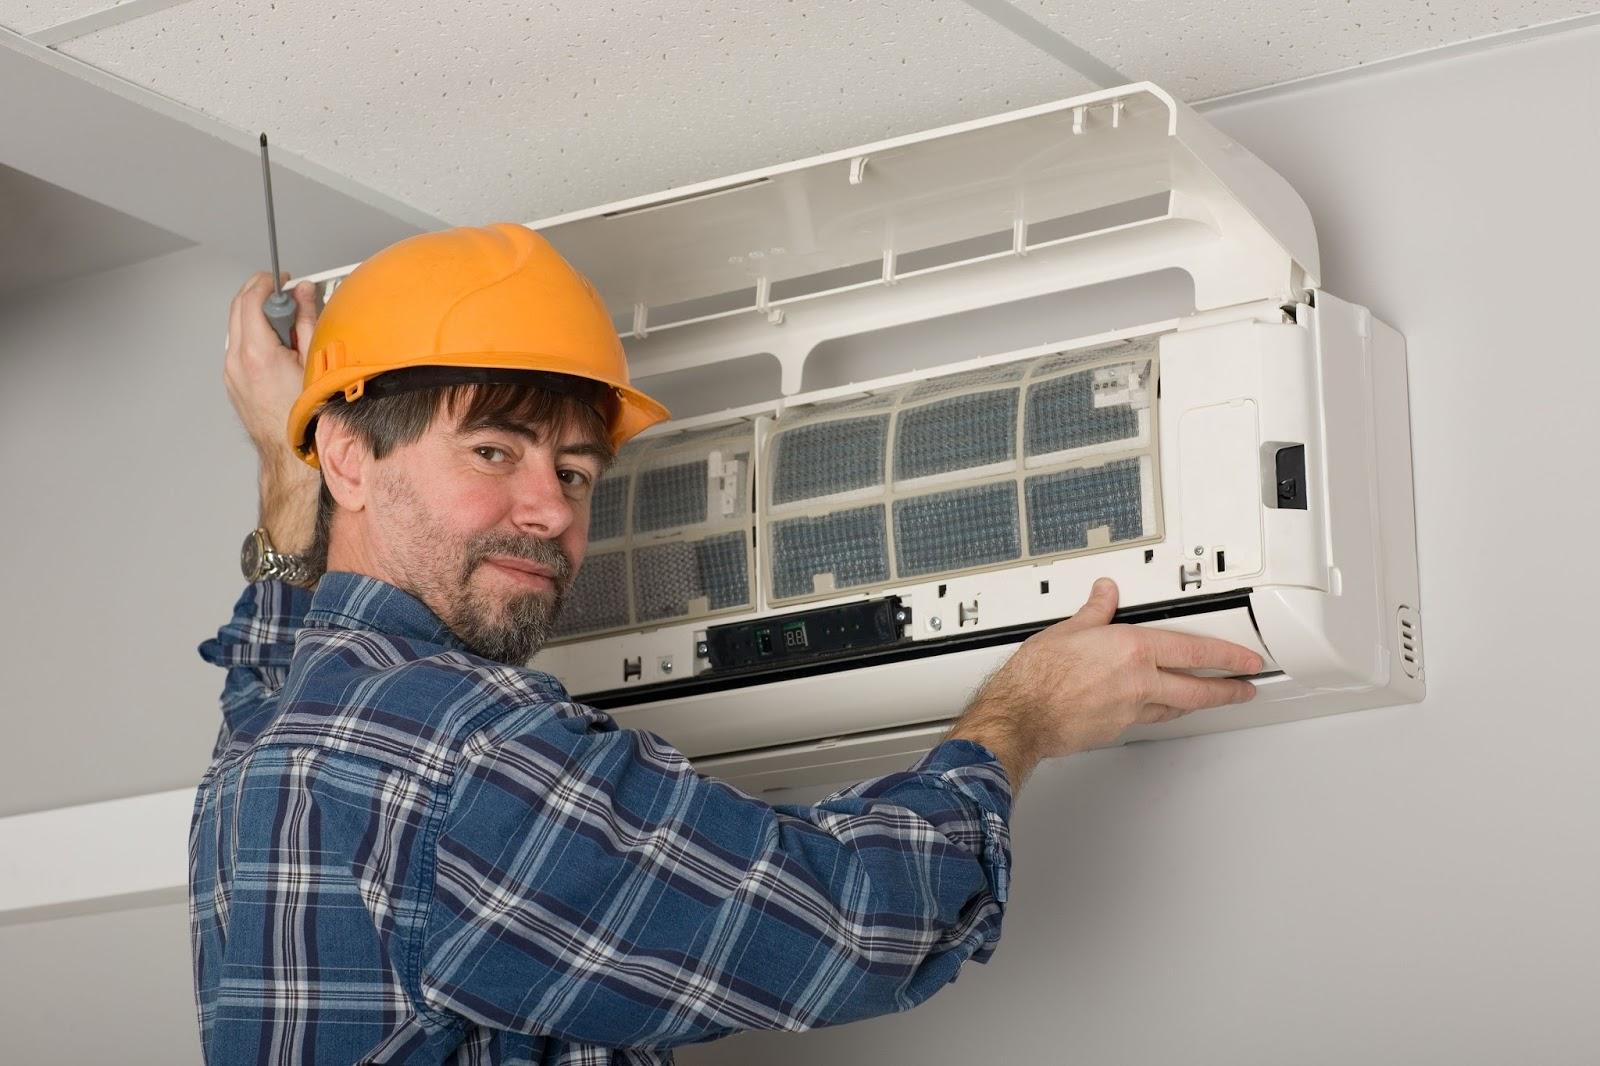 Làm thế nào để tự sửa máy lạnh?